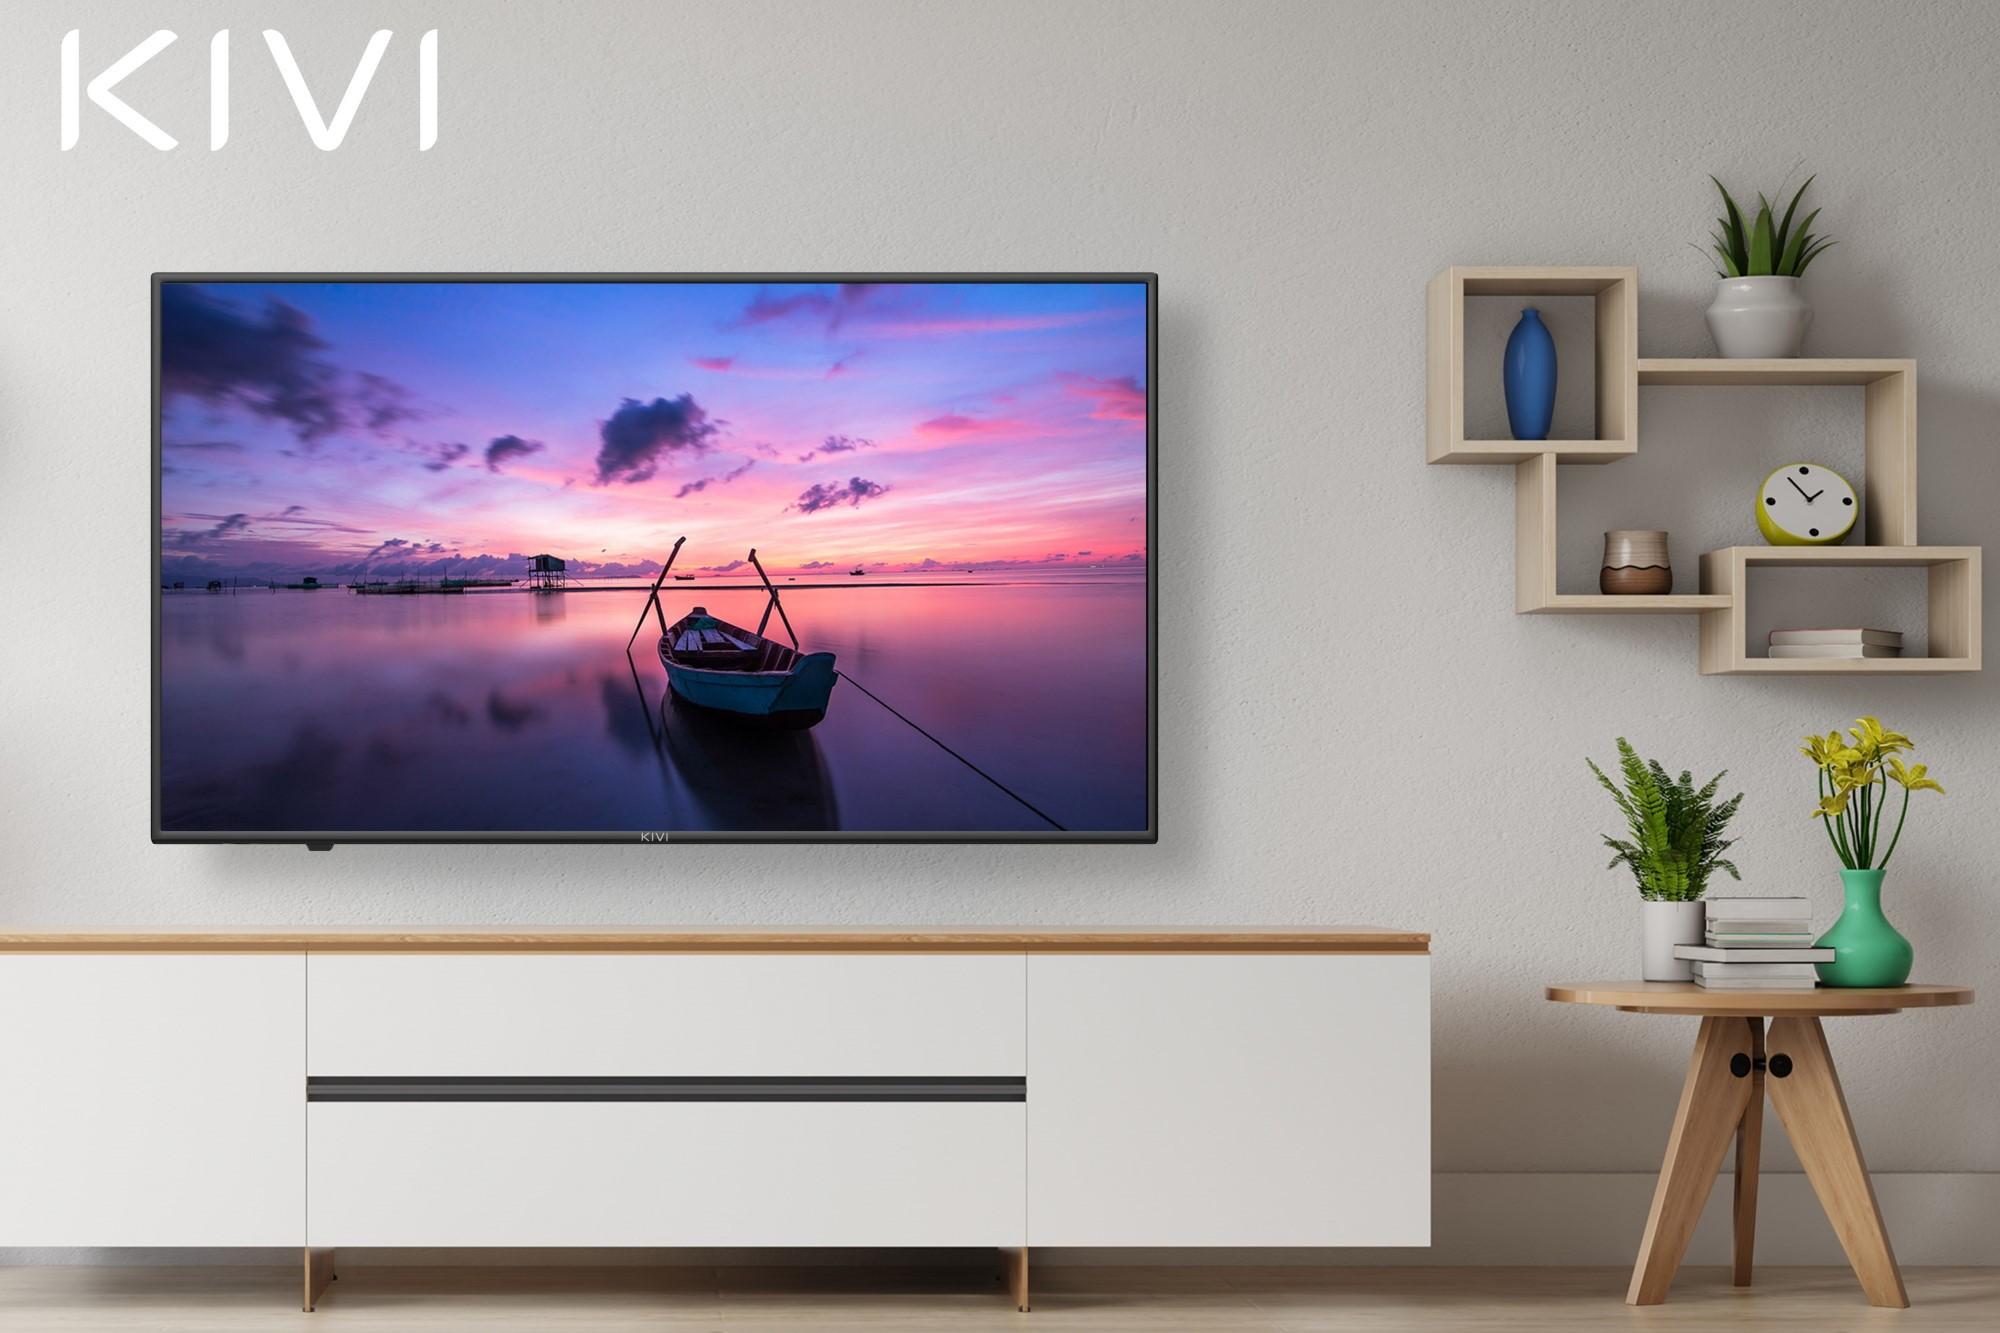 Стоит ли покупать телевизор KIVI основные достоинства техники 2